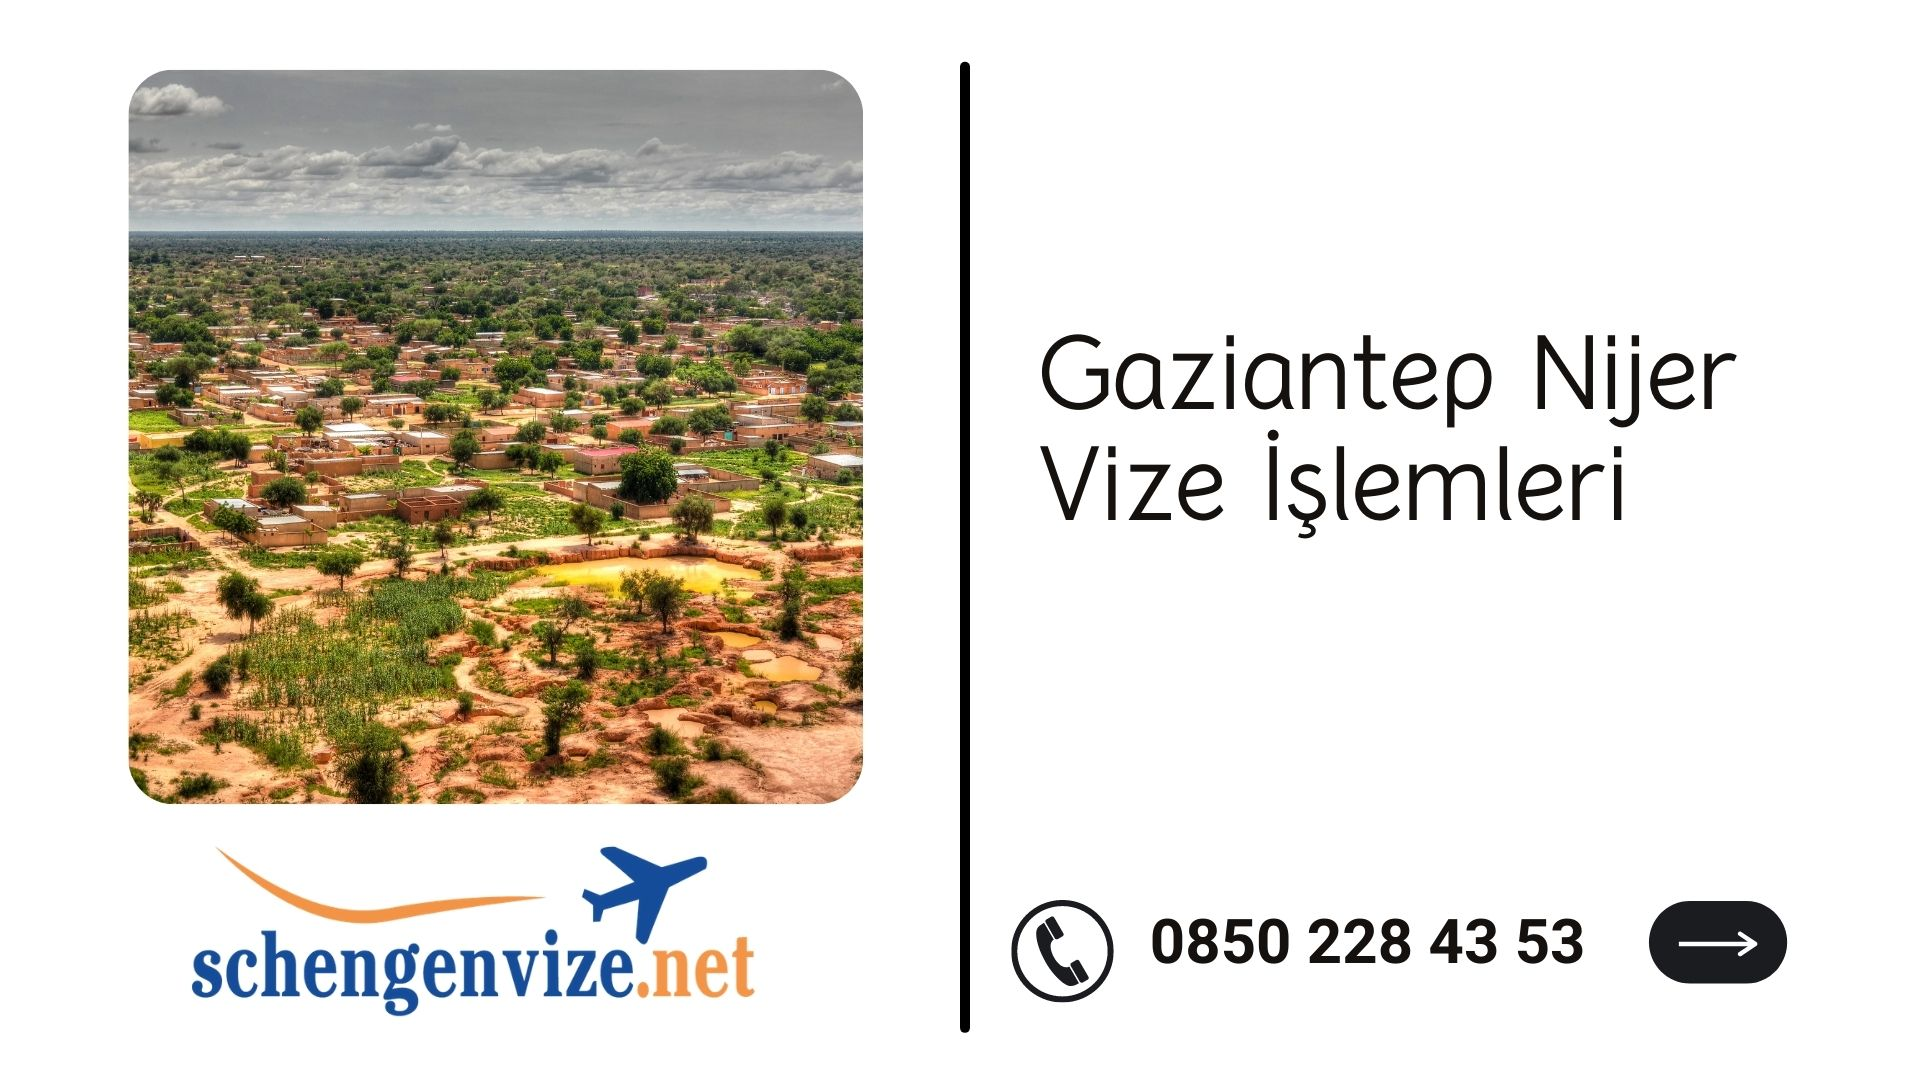 Gaziantep Nijer Vize İşlemleri